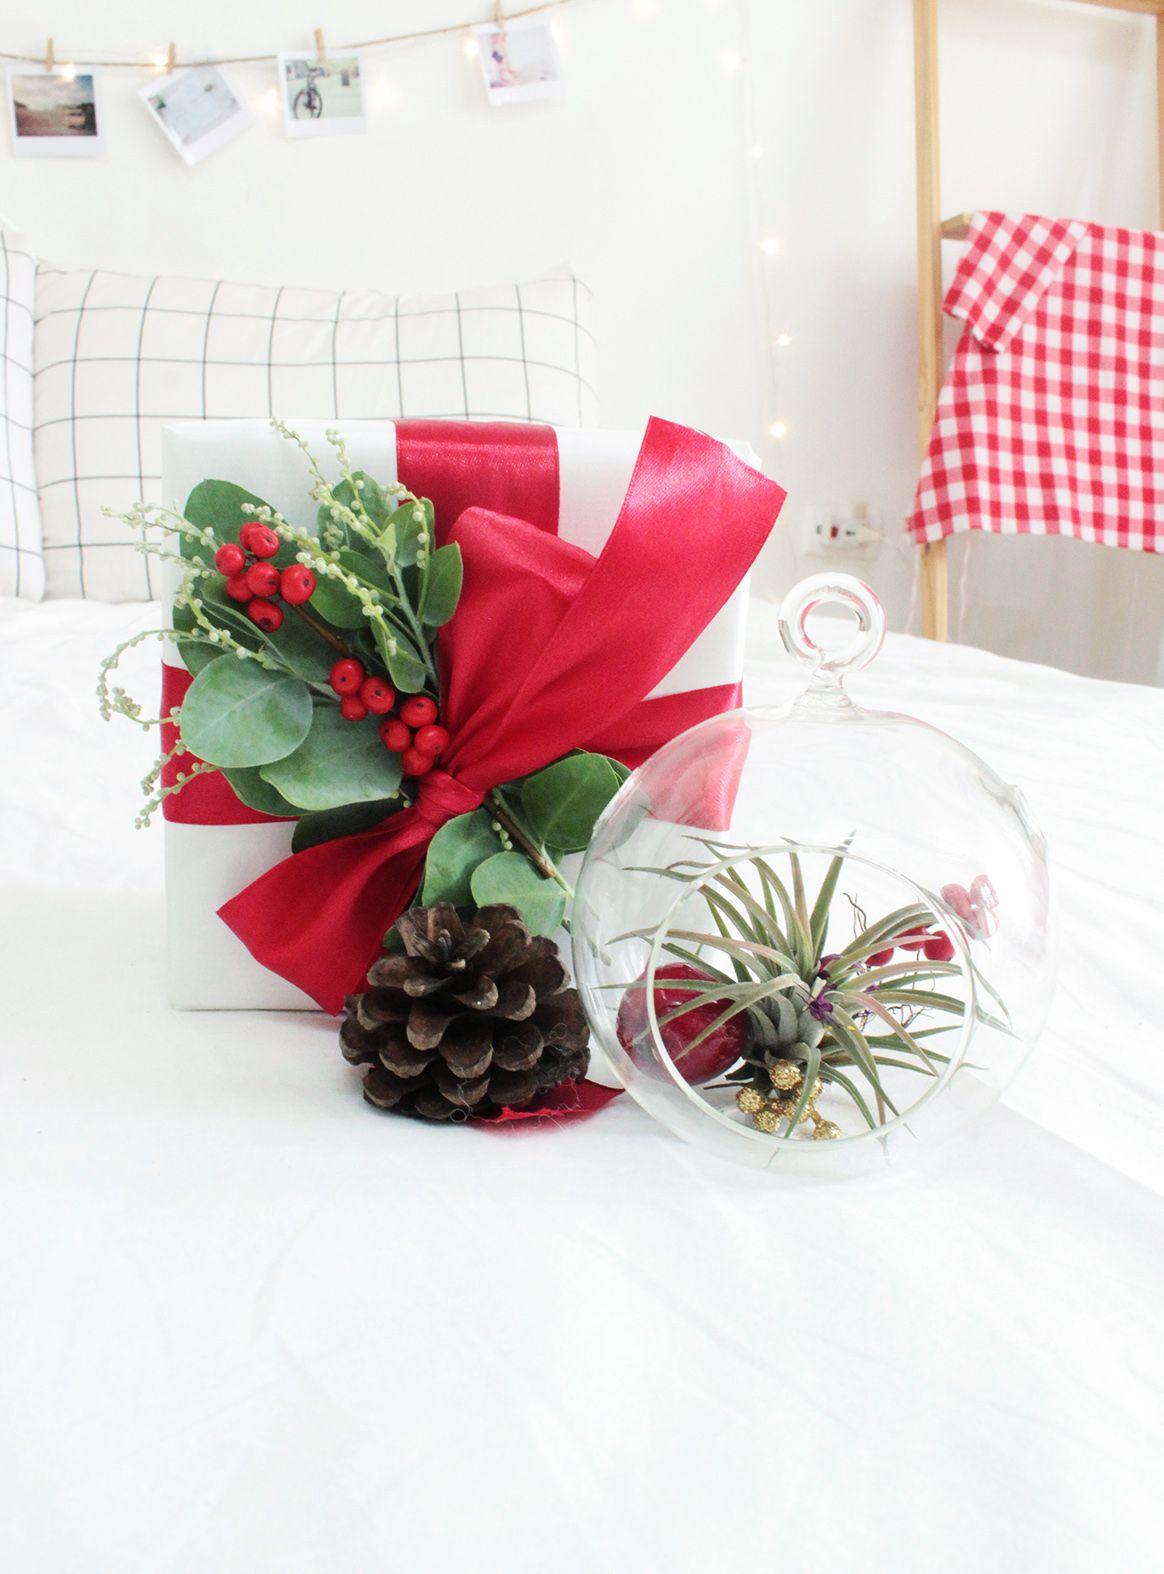 Christmas Gift Box 1 Airplant Christmas gift box